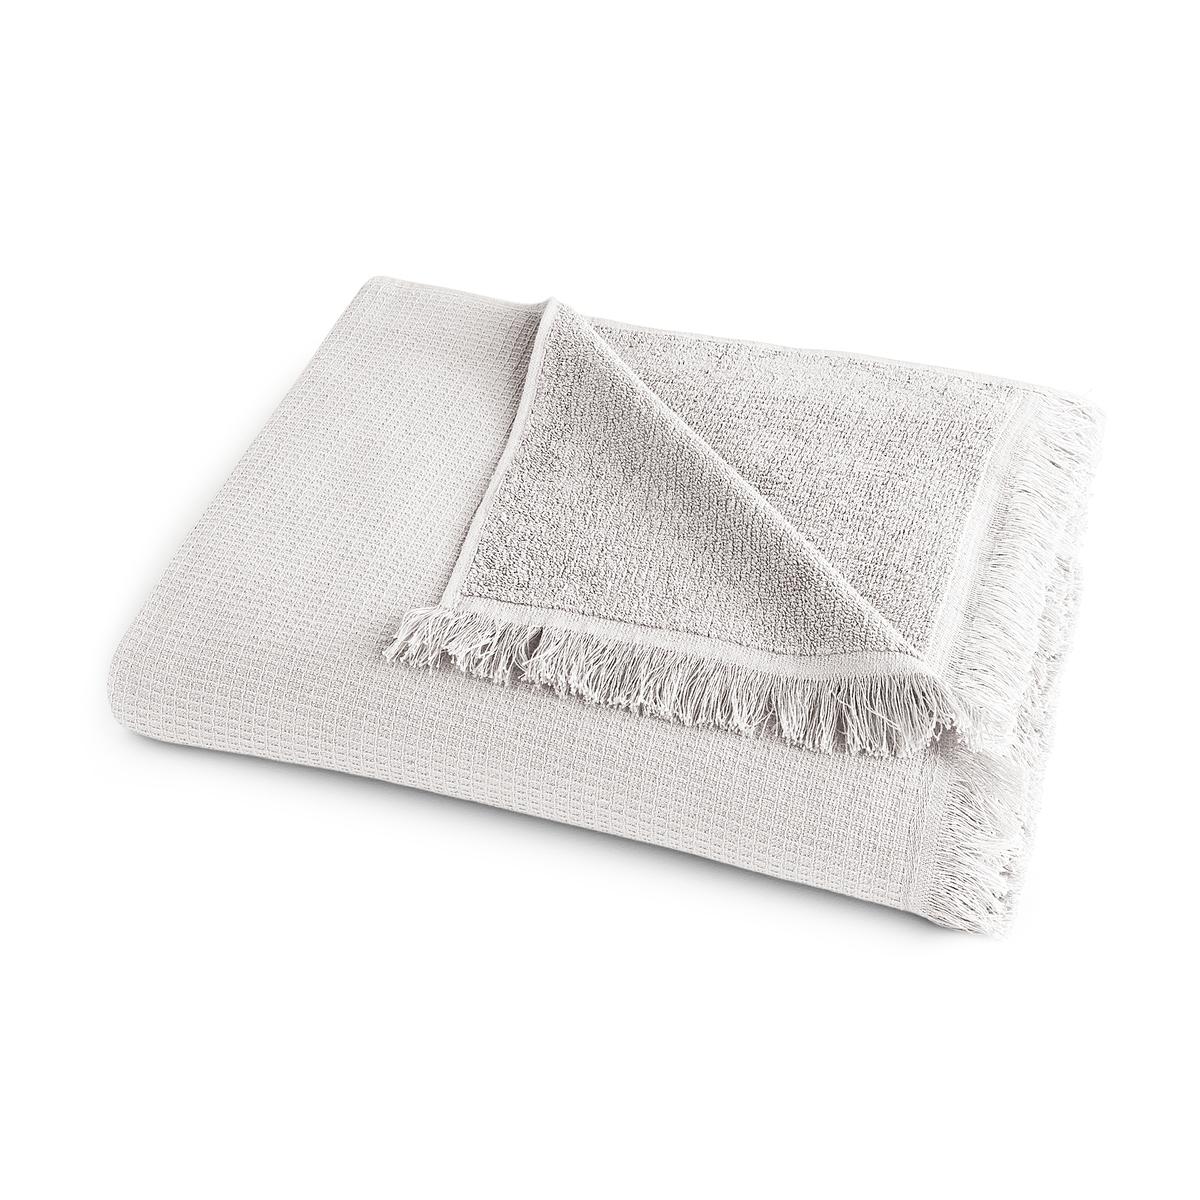 Полотенце La Redoute Банное из хлопка и льна Nipaly 70 x 140 см серый комплект из полотенце для la redoute рук из хлопка и льна nipaly 50 x 100 см белый